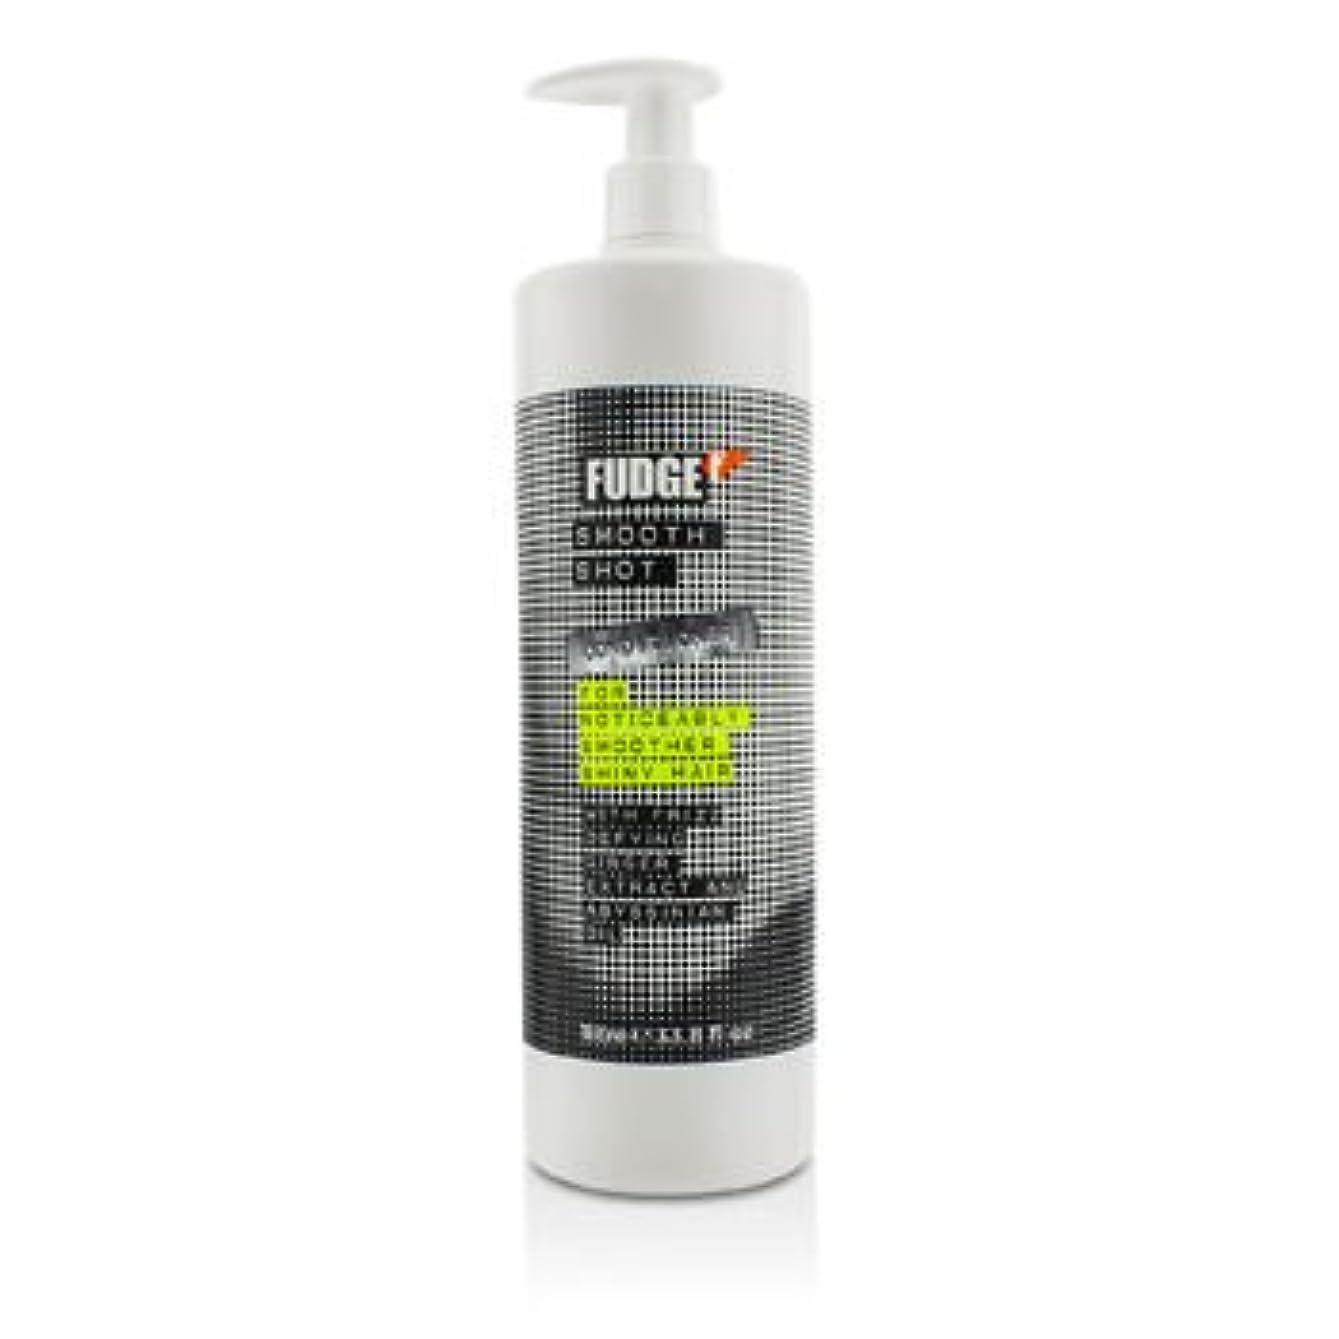 伝統的トランク連続的[Fudge] Smooth Shot Conditioner (For Noticeably Smoother Shiny Hair) 1000ml/33.8oz